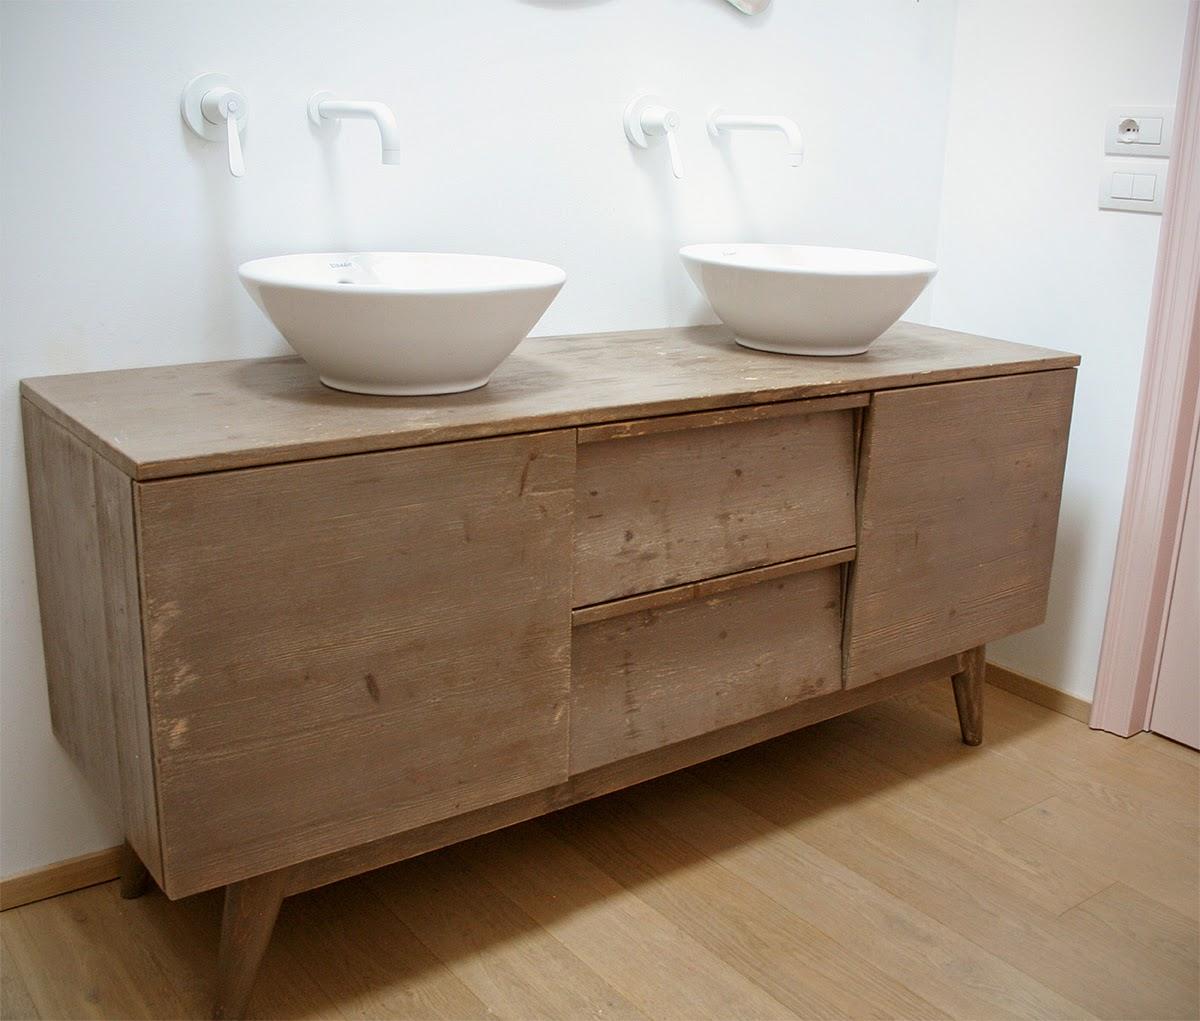 Boiserie e cucine su misura 2014 03 30 - Mobili bagno retro ...